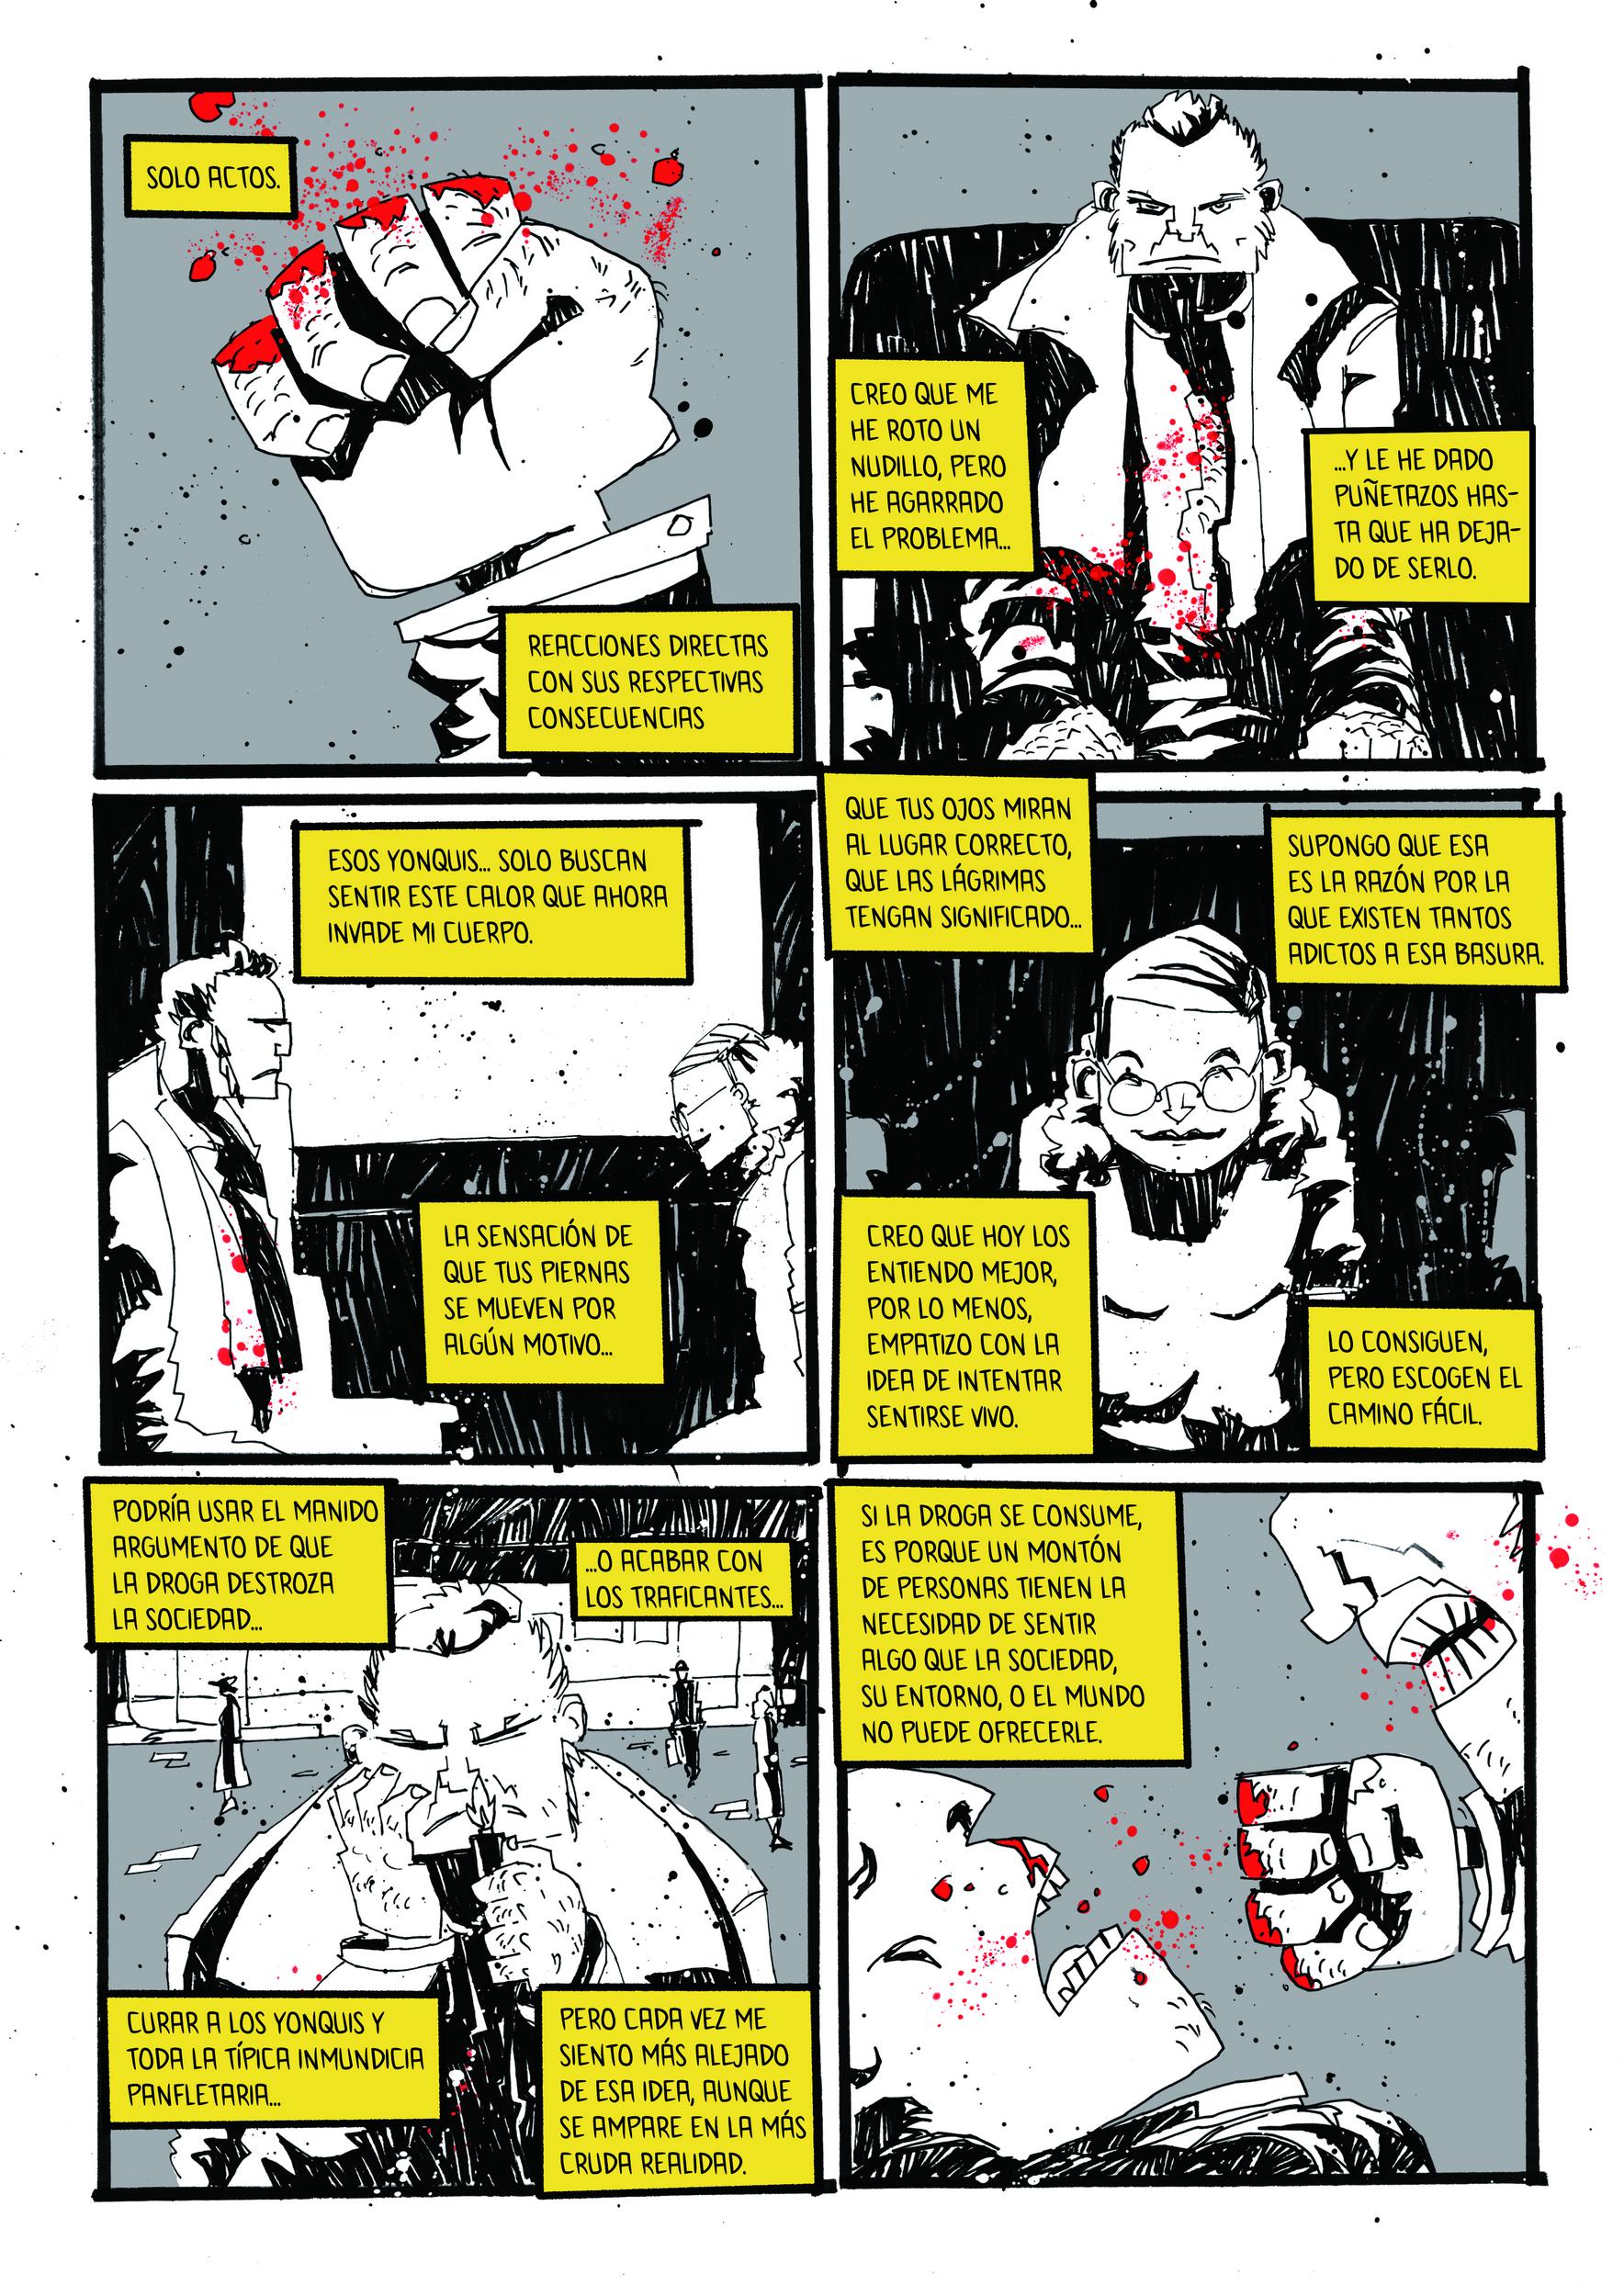 05_Hugo Martín Crespo y Alejandro Cruz Santana_Grind_pagina00003_2500_0016